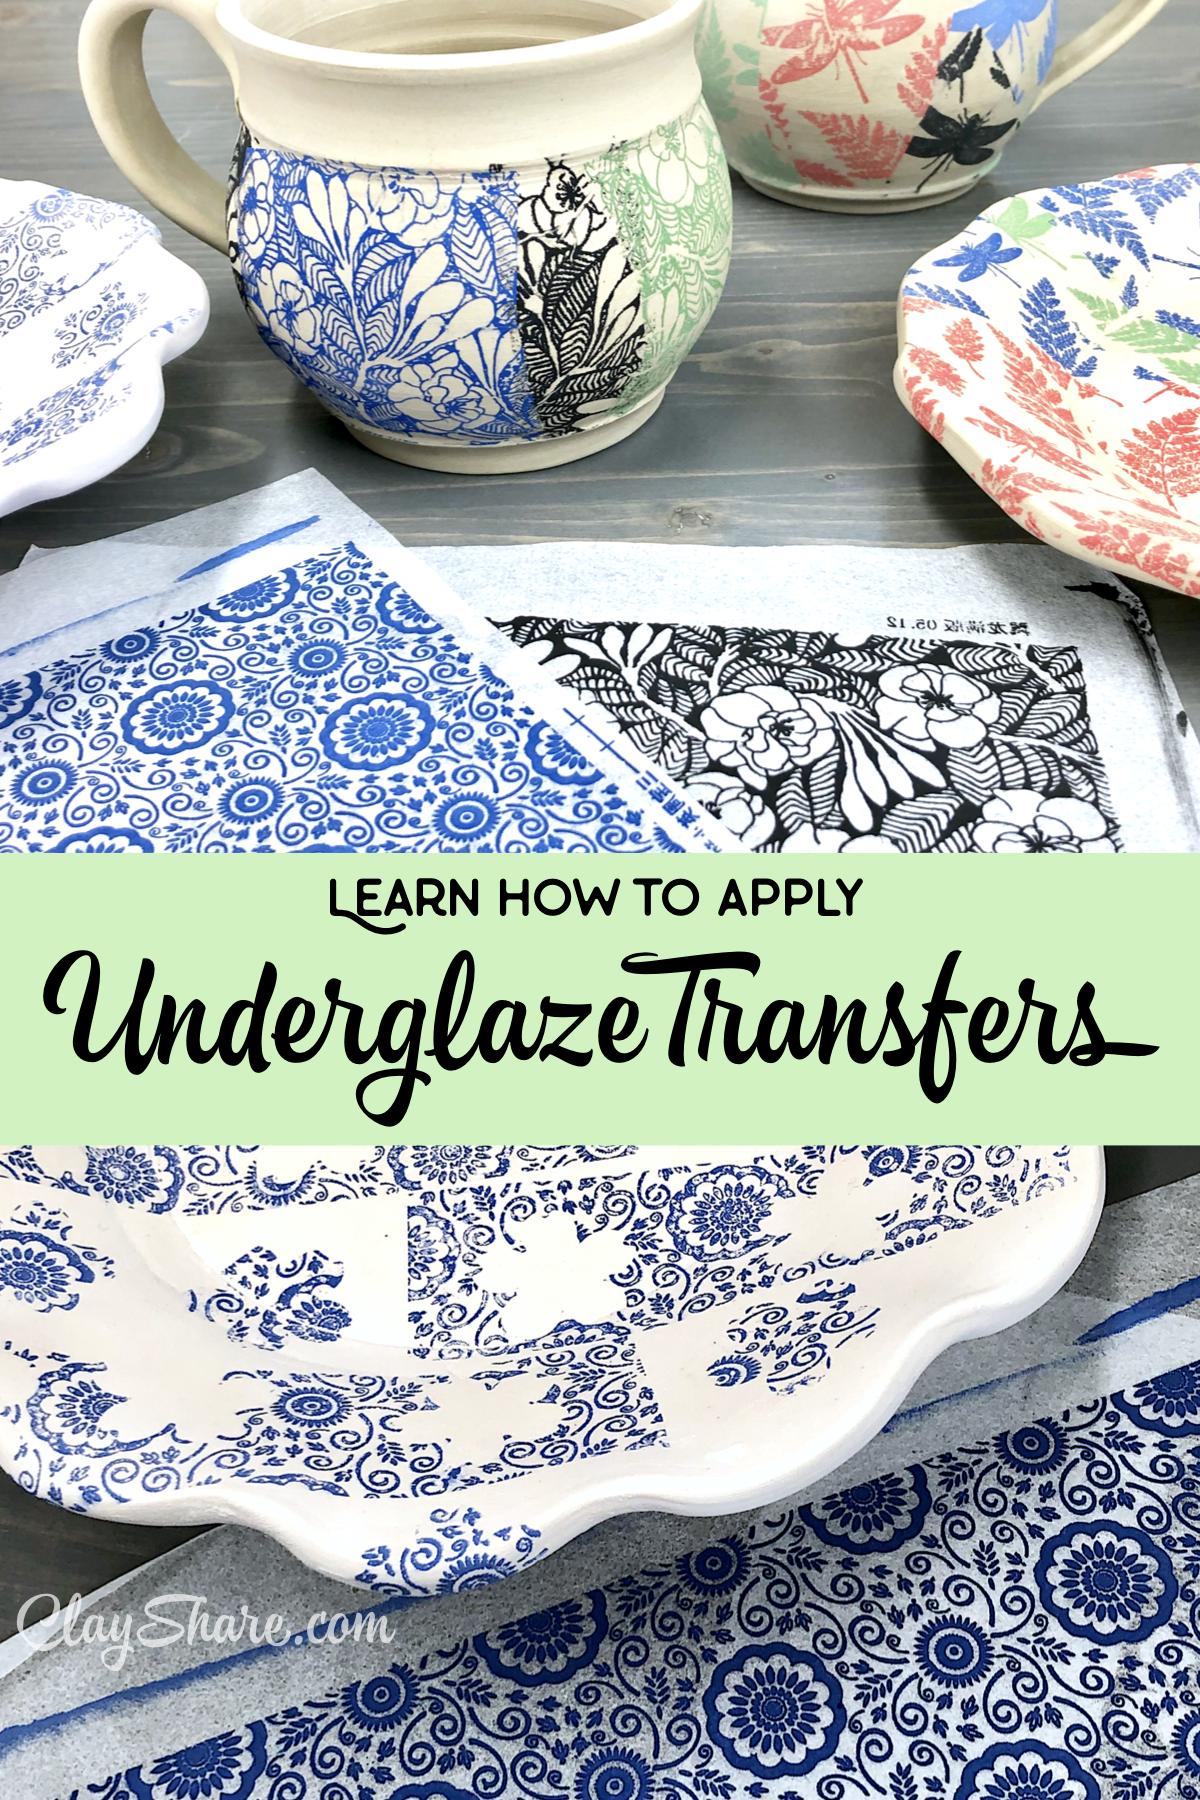 Make Beautiful Patterned Pottery!